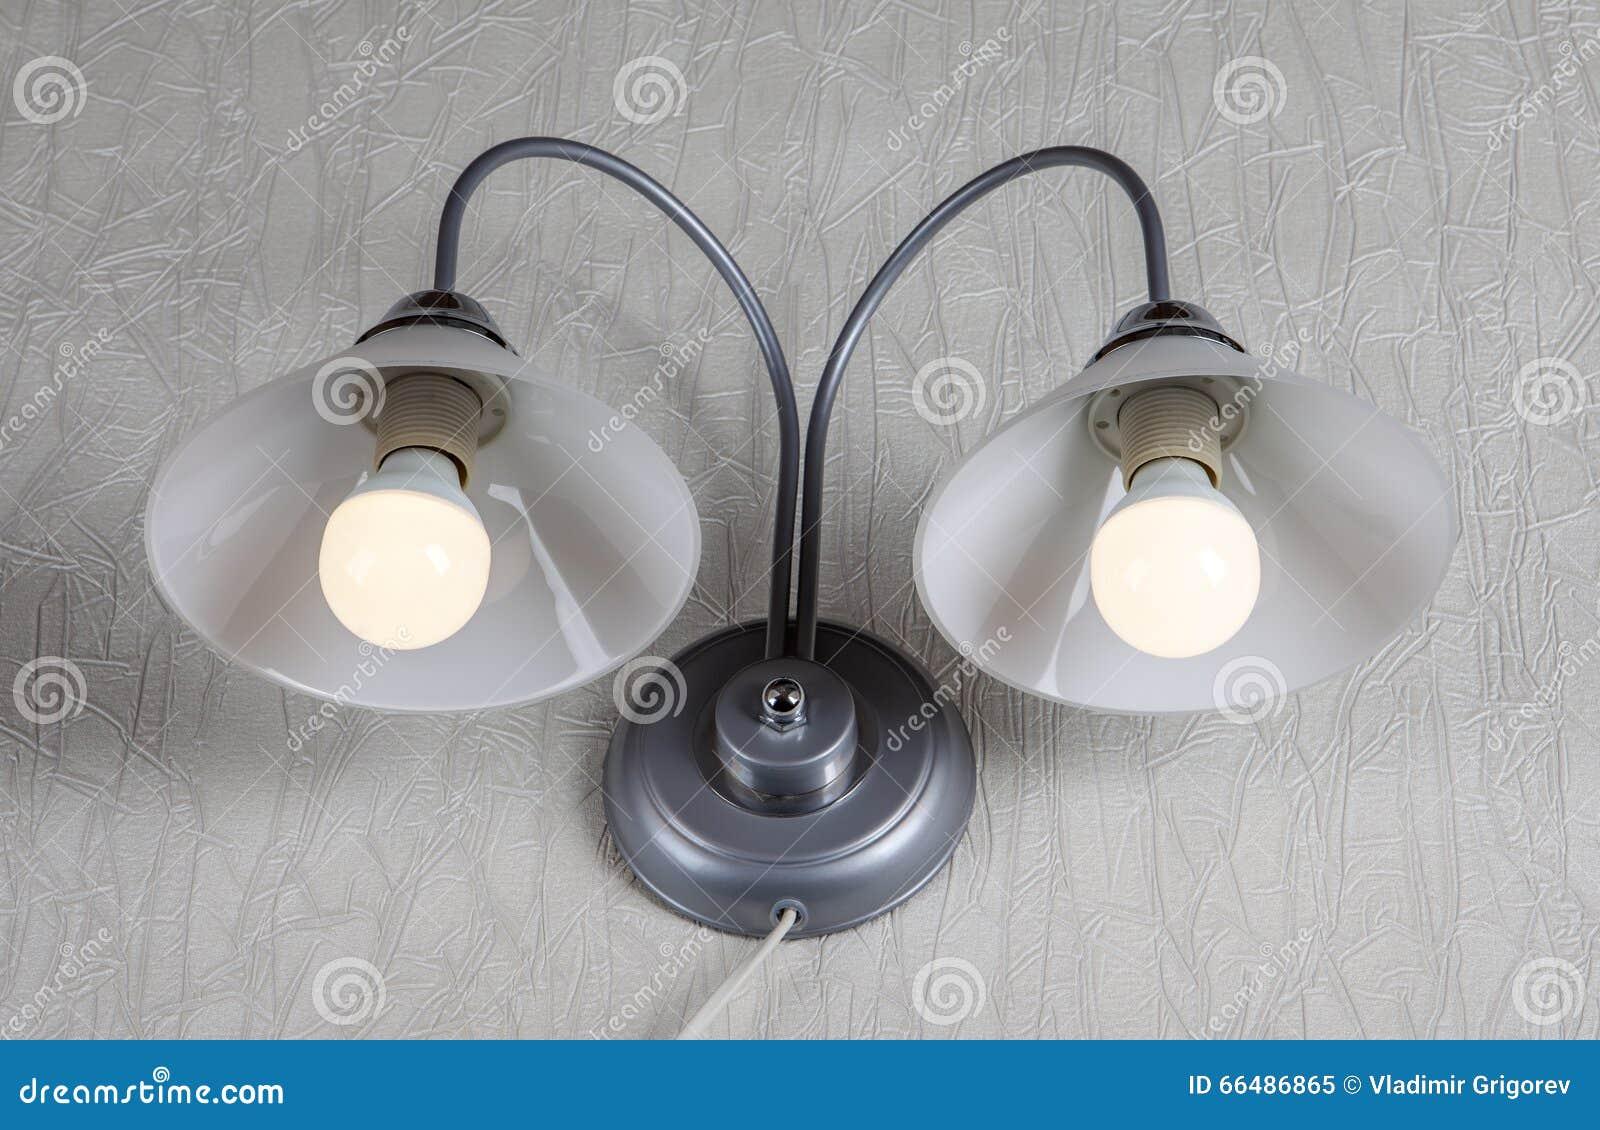 Vetro smerigliato doppio dellapparecchio dilluminazione di parete